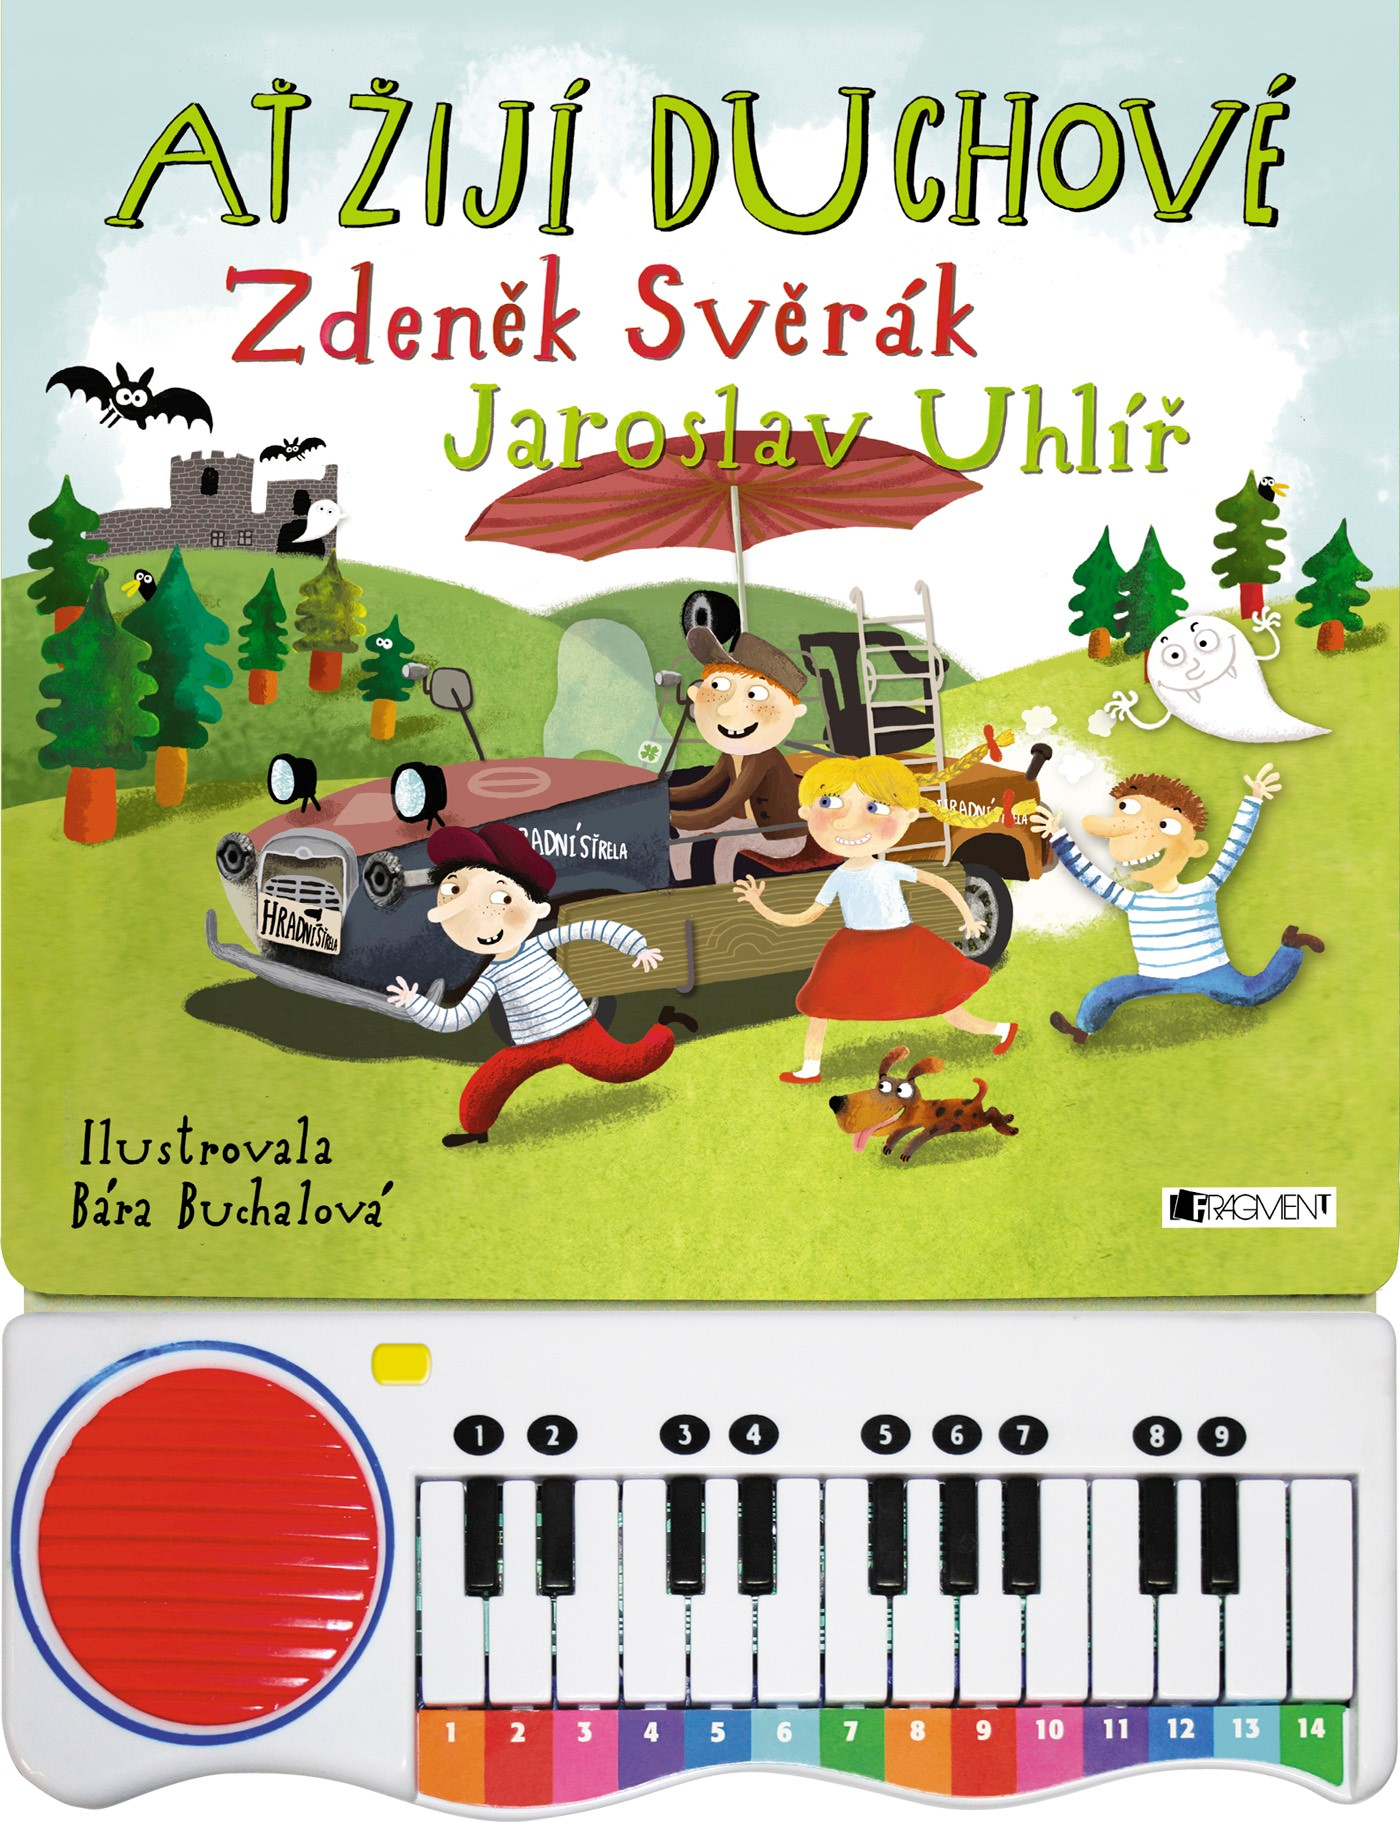 Ať žijí duchové – zpívání s piánkem | Jaroslav Uhlíř, Zdeněk Svěrák